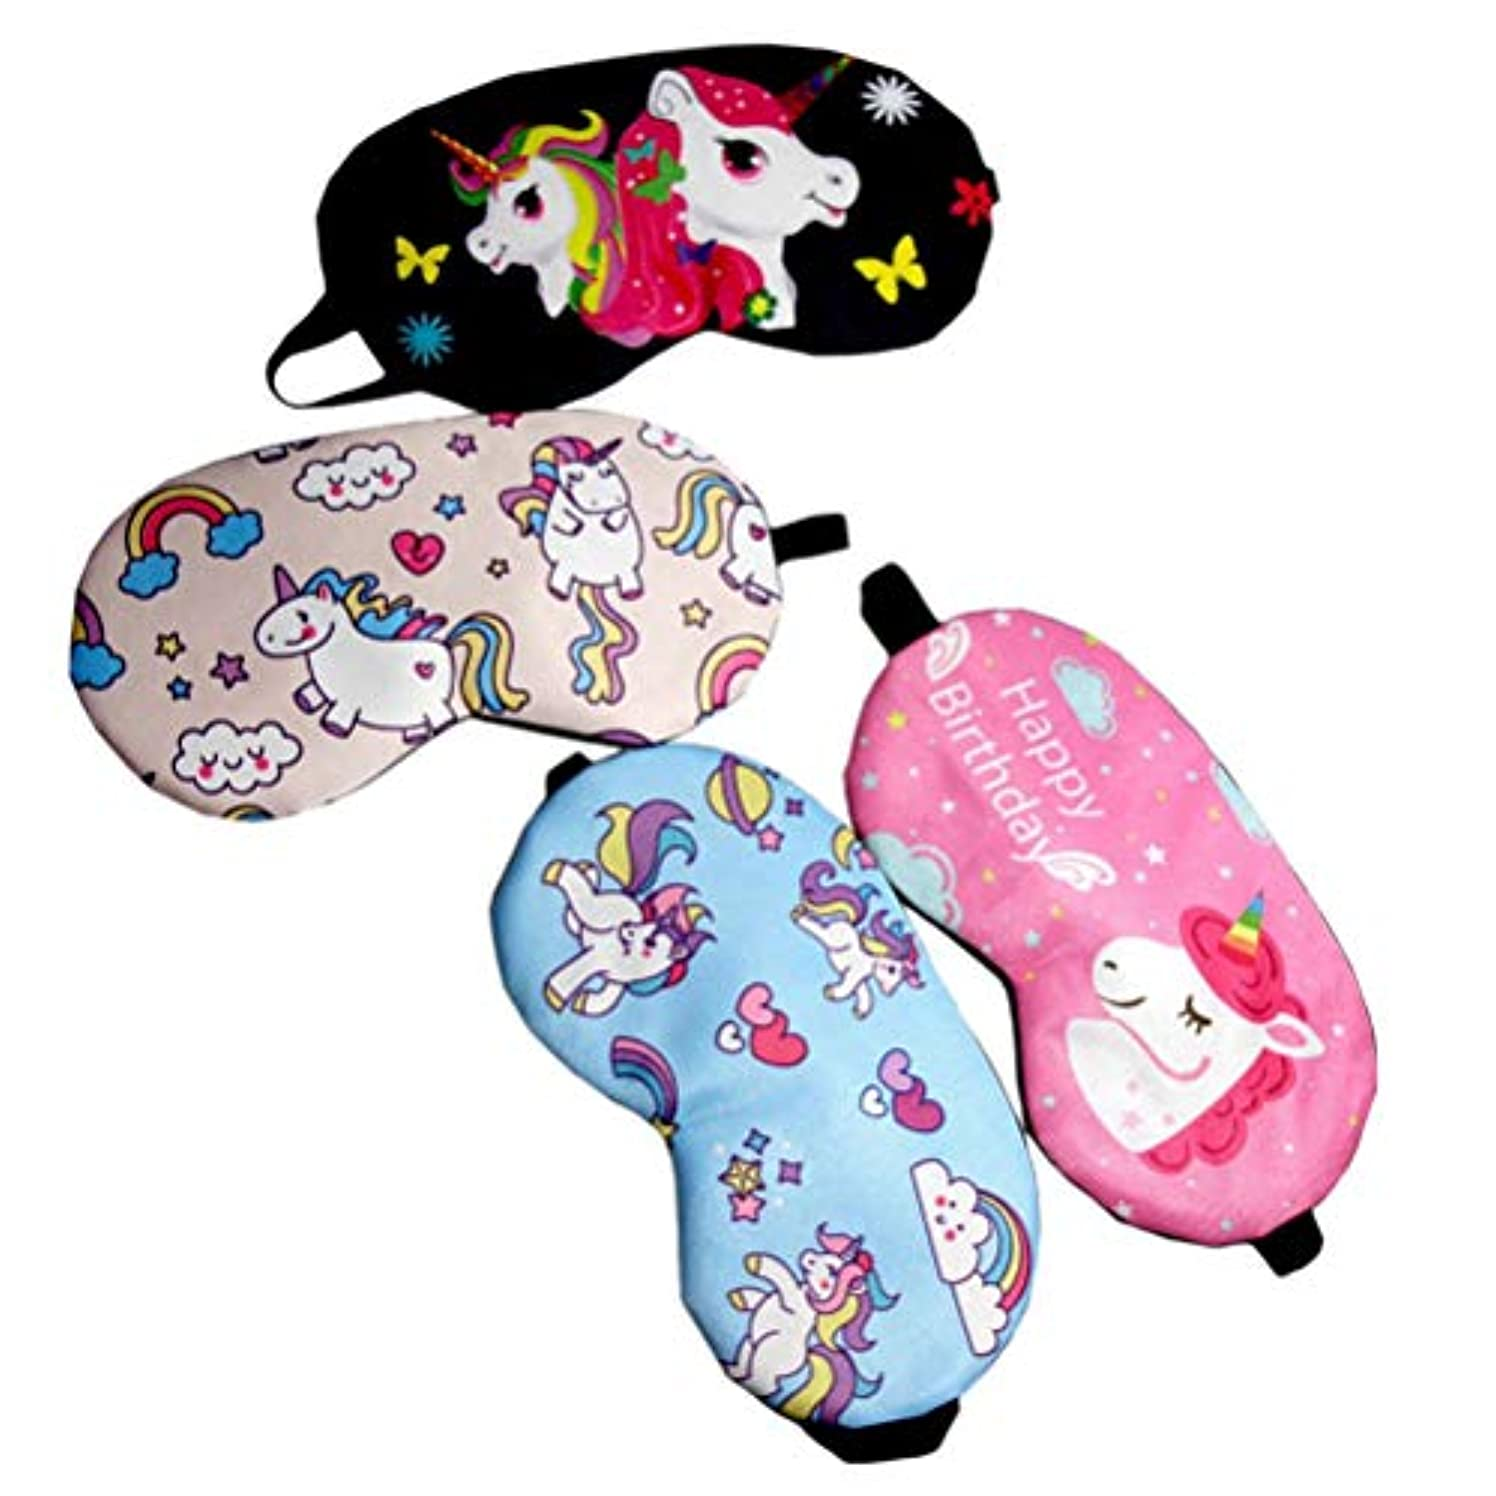 湖鳴らす広く子供のためのBeaupretty 4PCSユニコーン睡眠マスクカバー軽量目隠しソフトアイマスク(ブラック+ローズレッド+ライトピンク+ライトブルー)